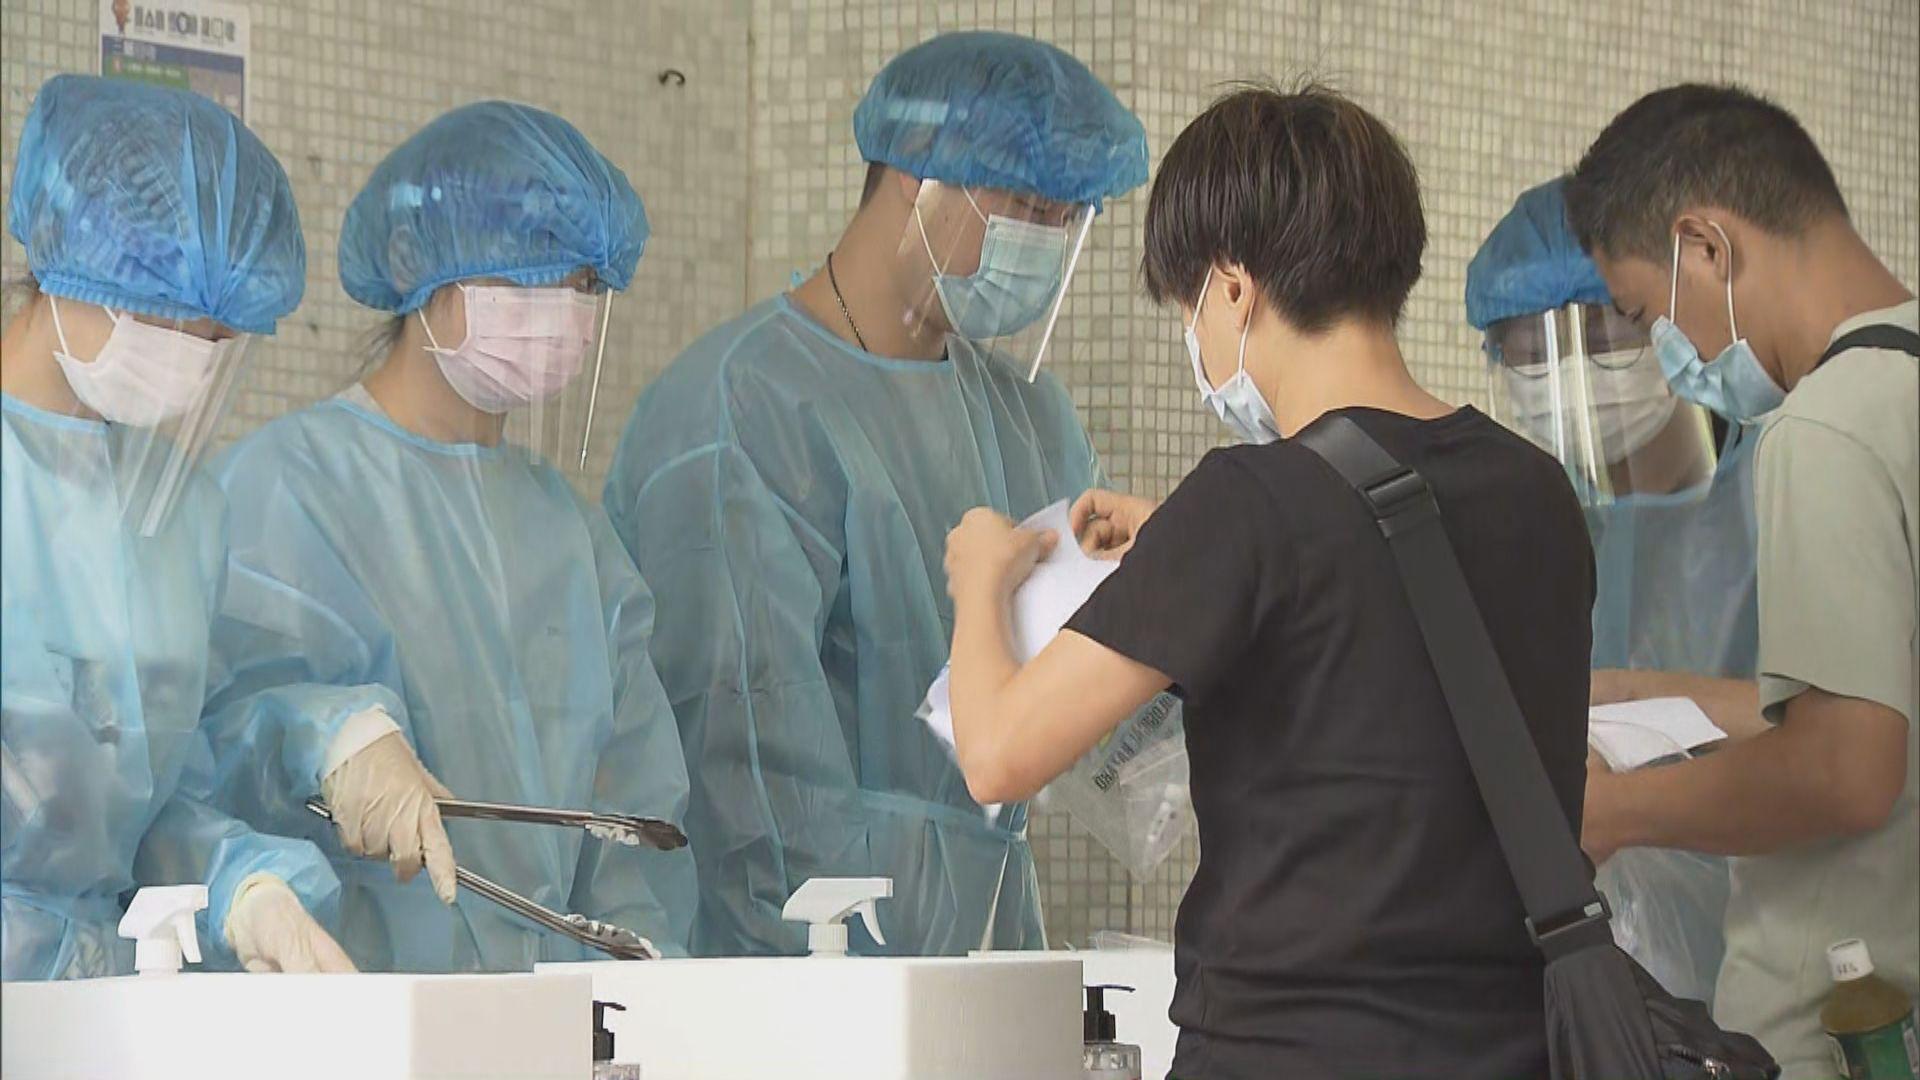 社區檢測計劃收回超過三萬份樣本 一人確診